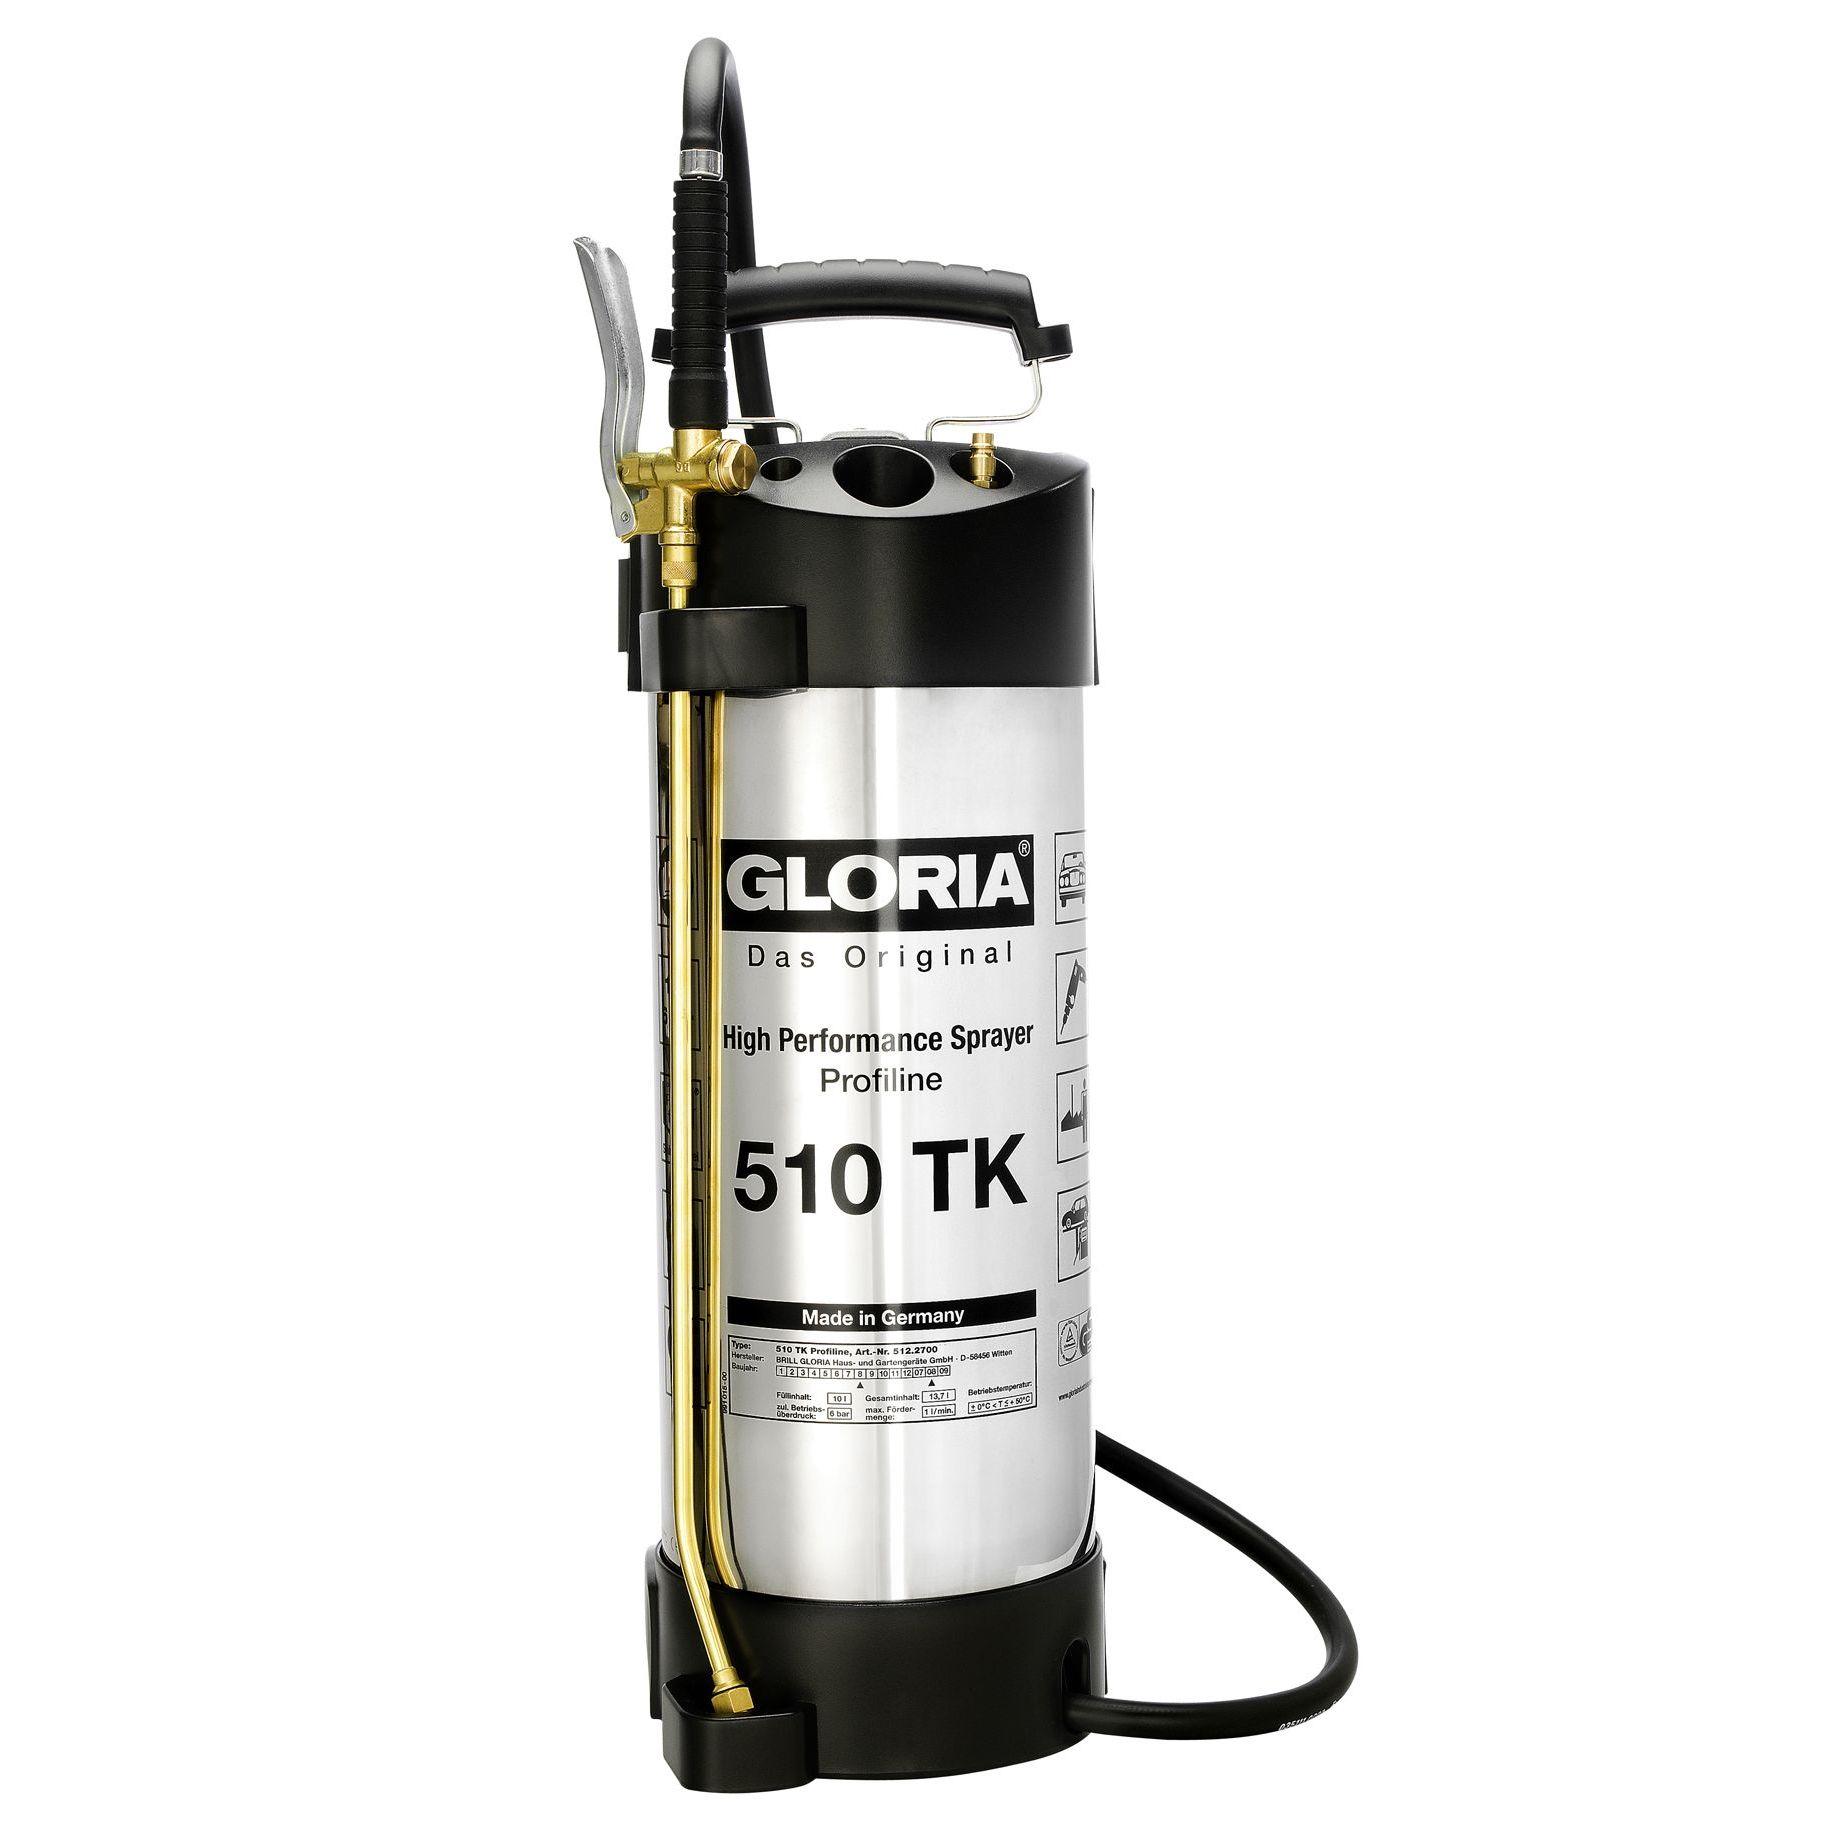 Tlakový postřikovač GLORIA 510 TK Profiline